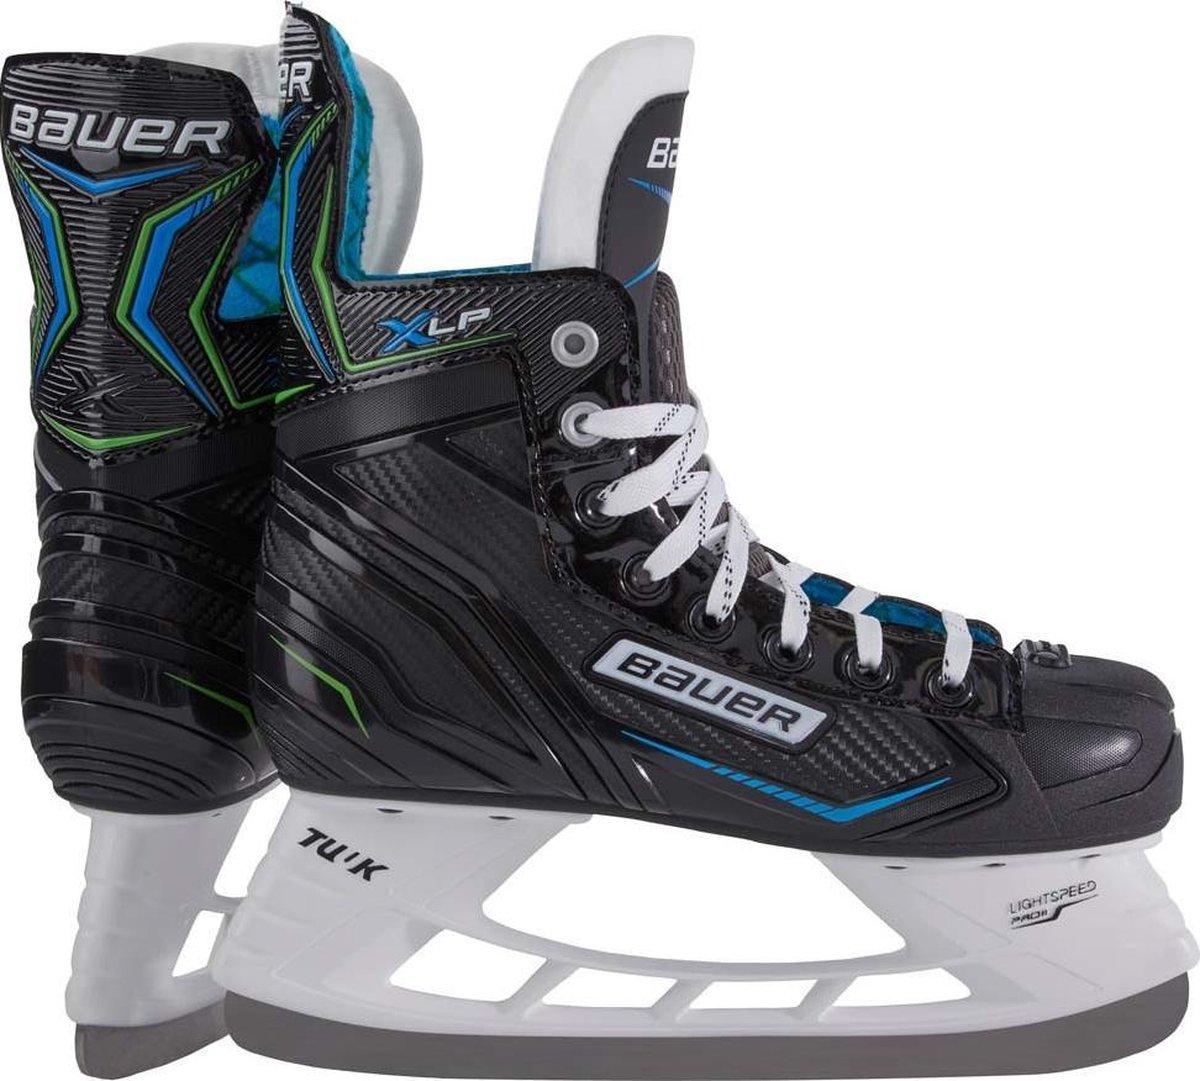 Bauer Ijshockeyschaatsen X-lp Junior Microfiber Zwart/blauw Mt 33,5